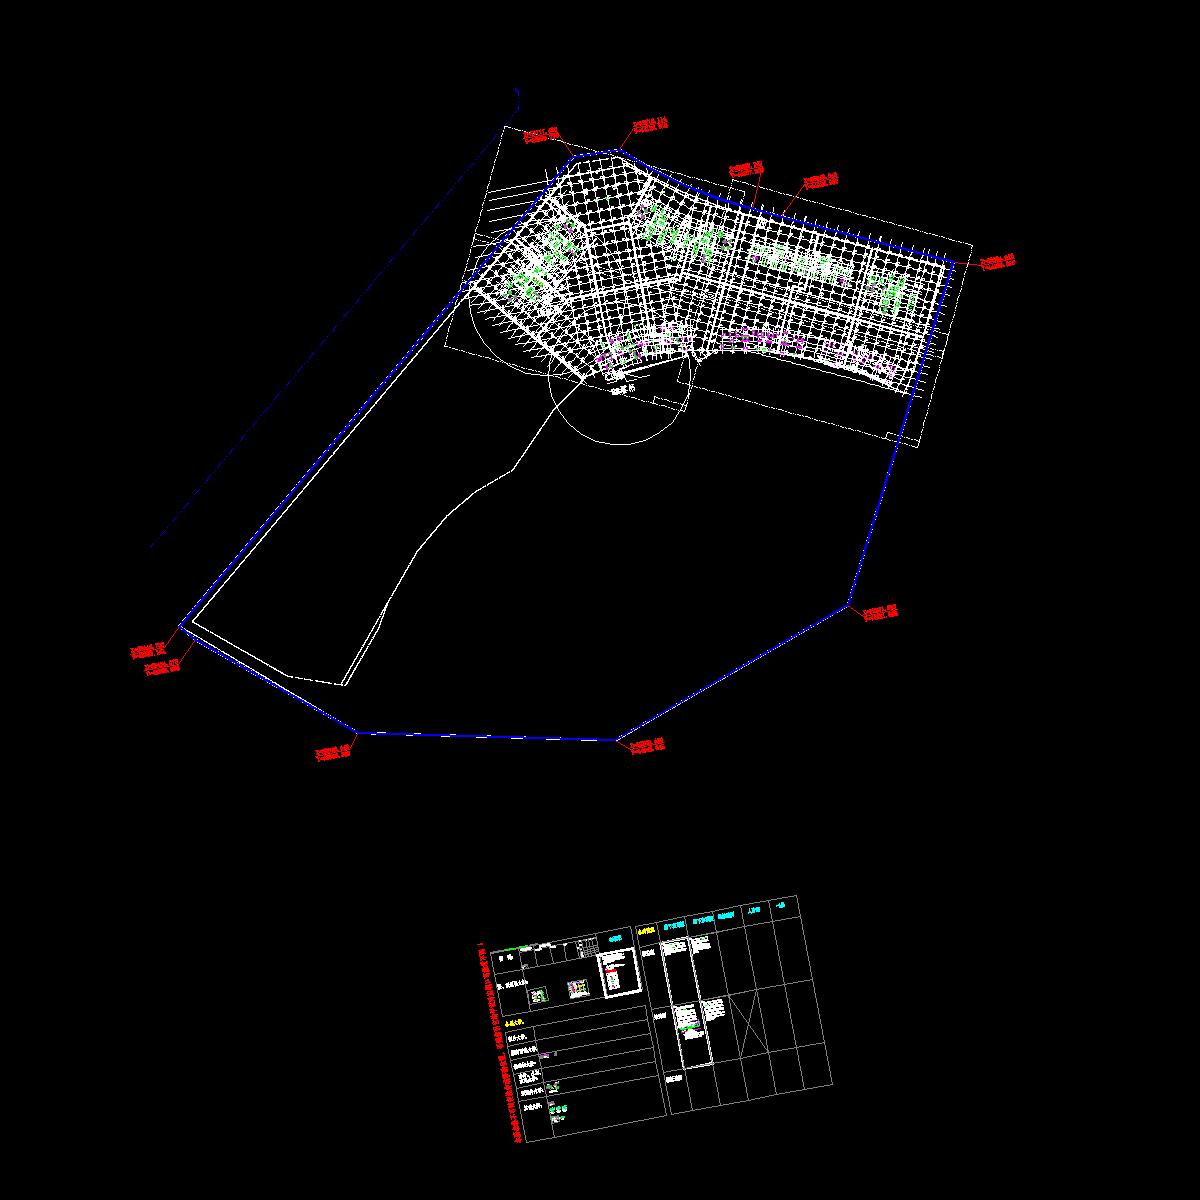 塔吊放入基础平面图.dwg